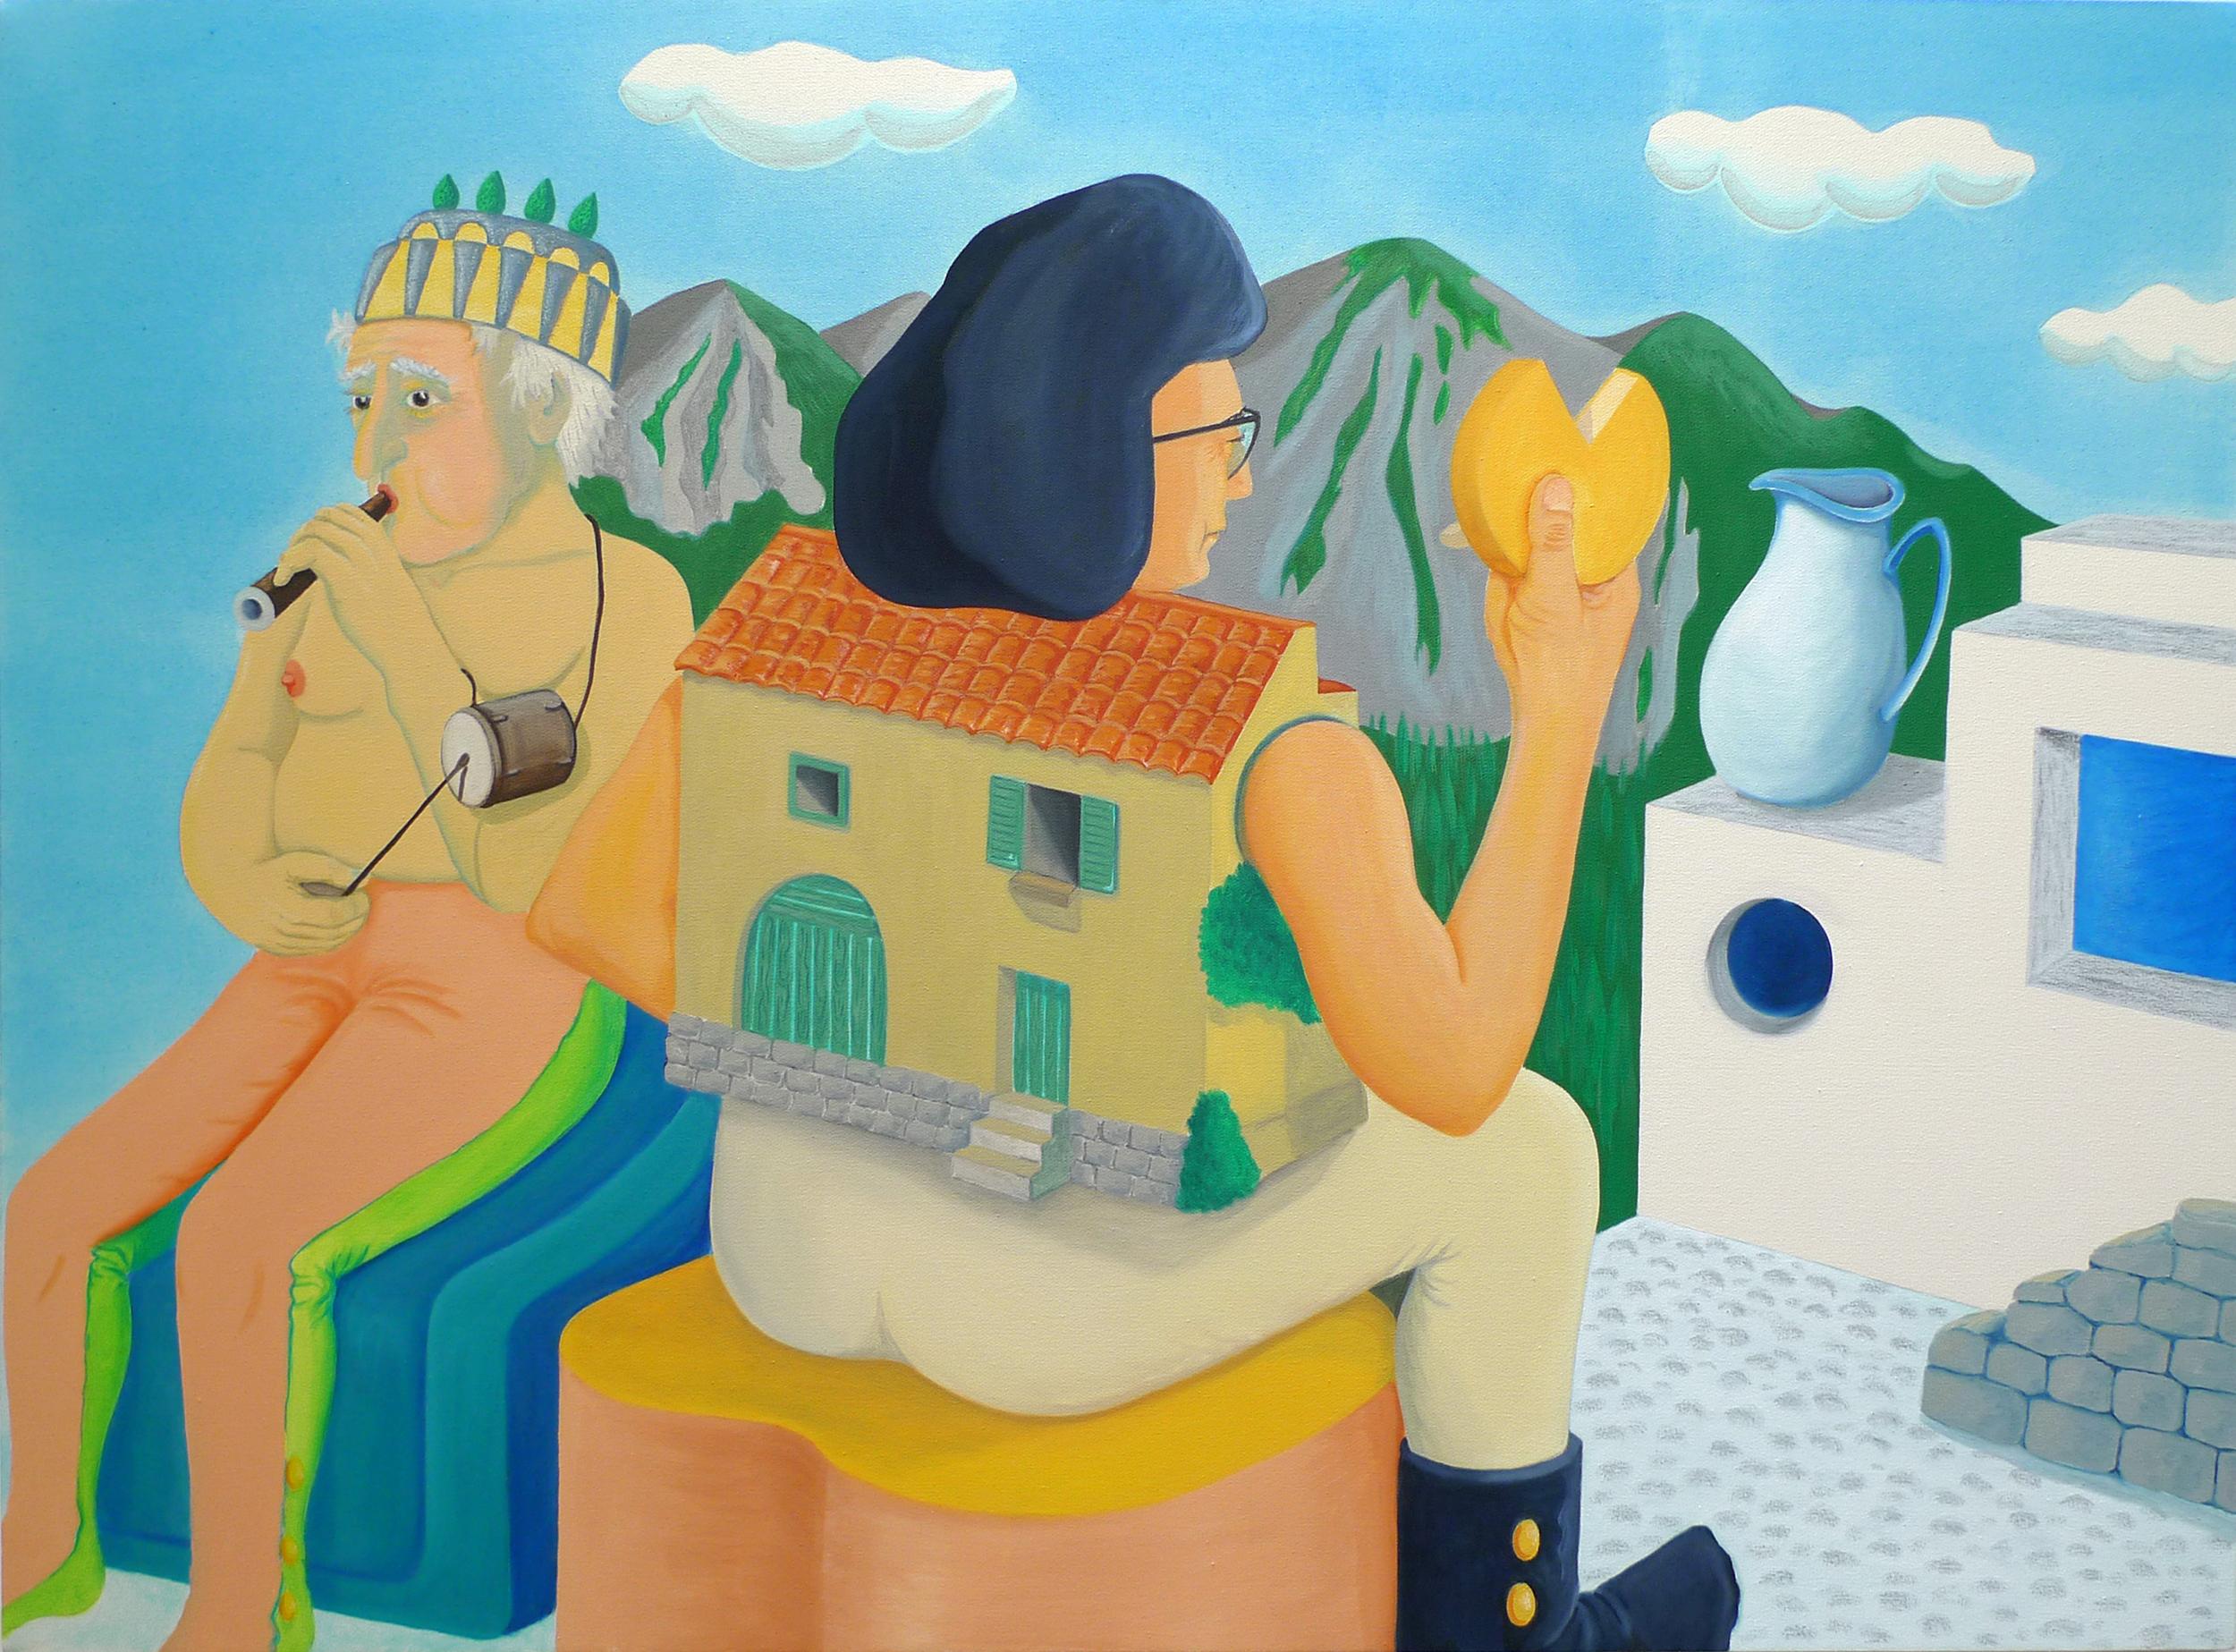 Grandpa au Fabiol et Yé-Yé Maison  2017 Oil and acrylic on canvas, 90 x 120 cm